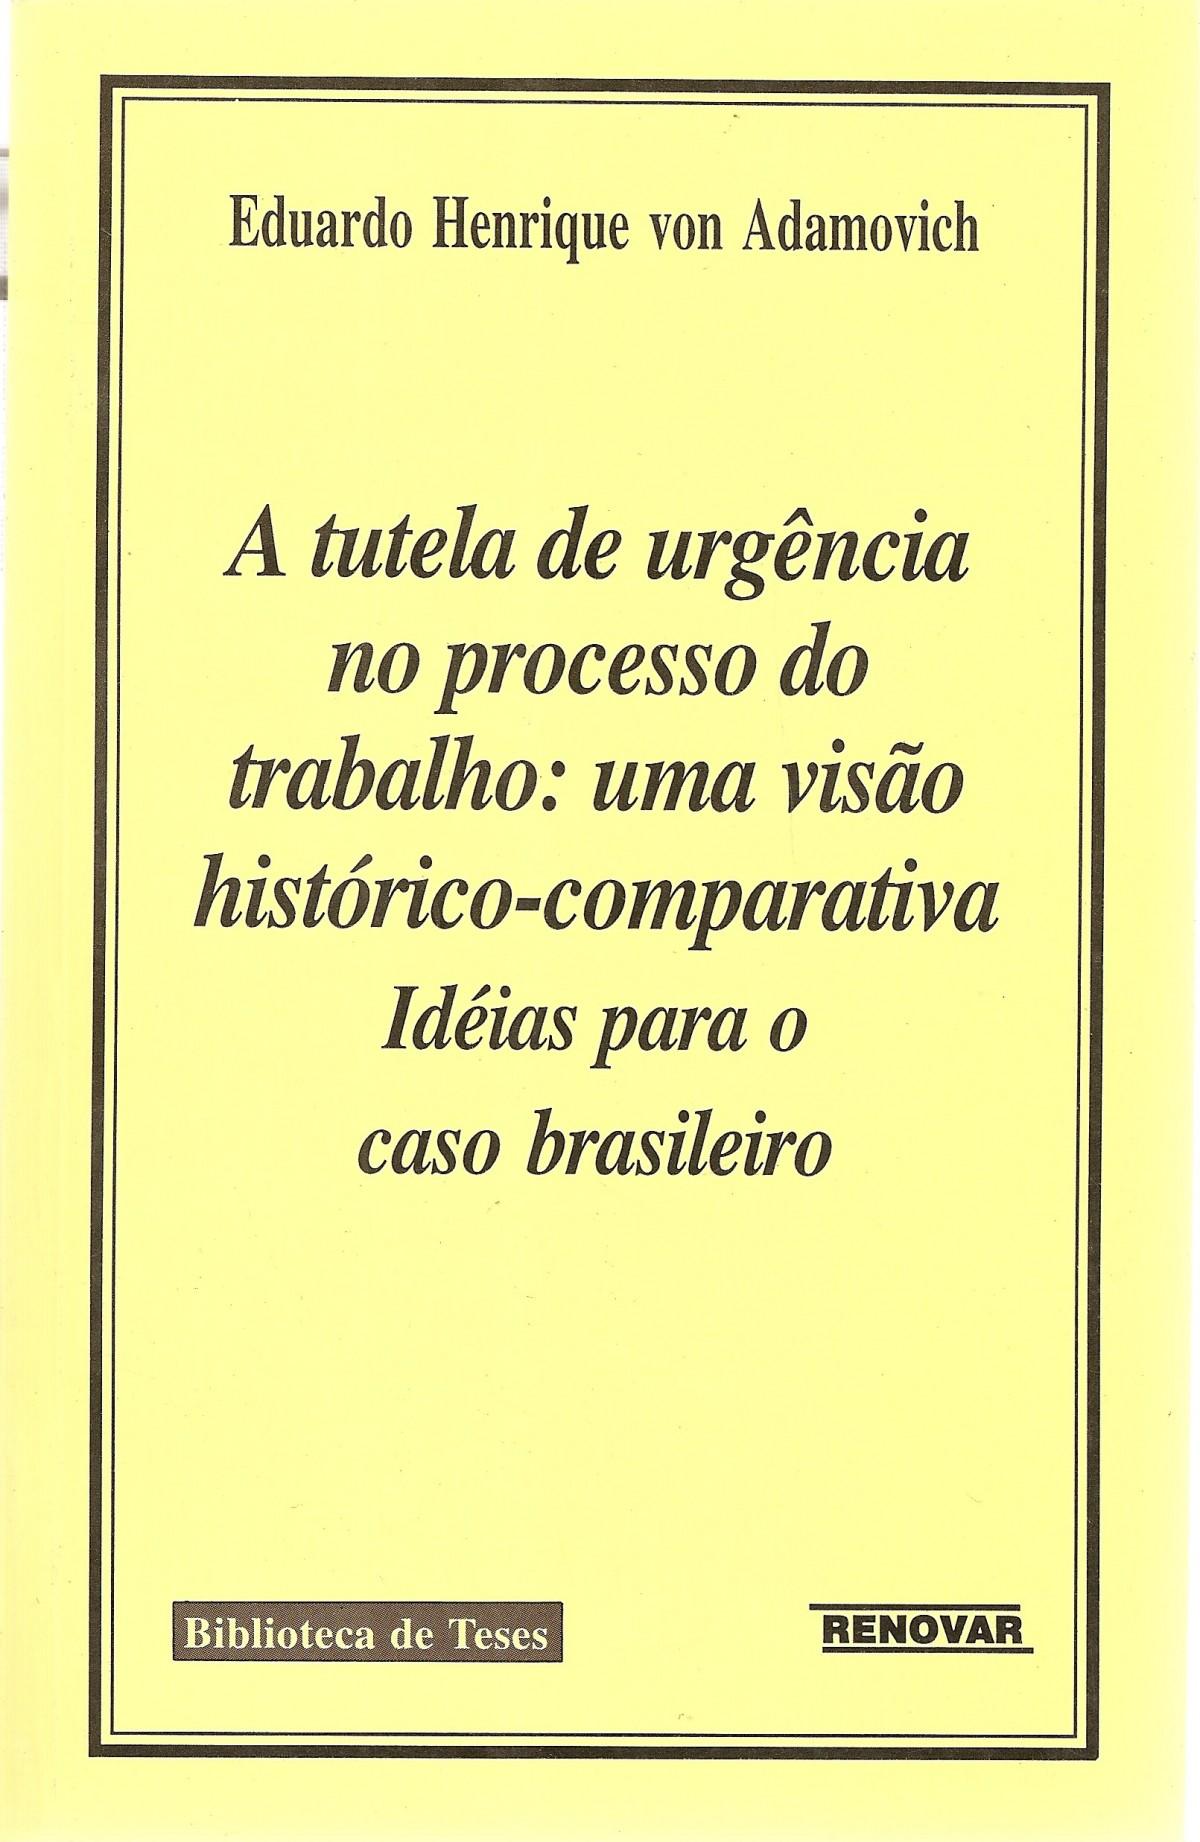 Foto 1 - A Tutela de Urgência no Processo do Trabalho: uma visão histórico-comparativa